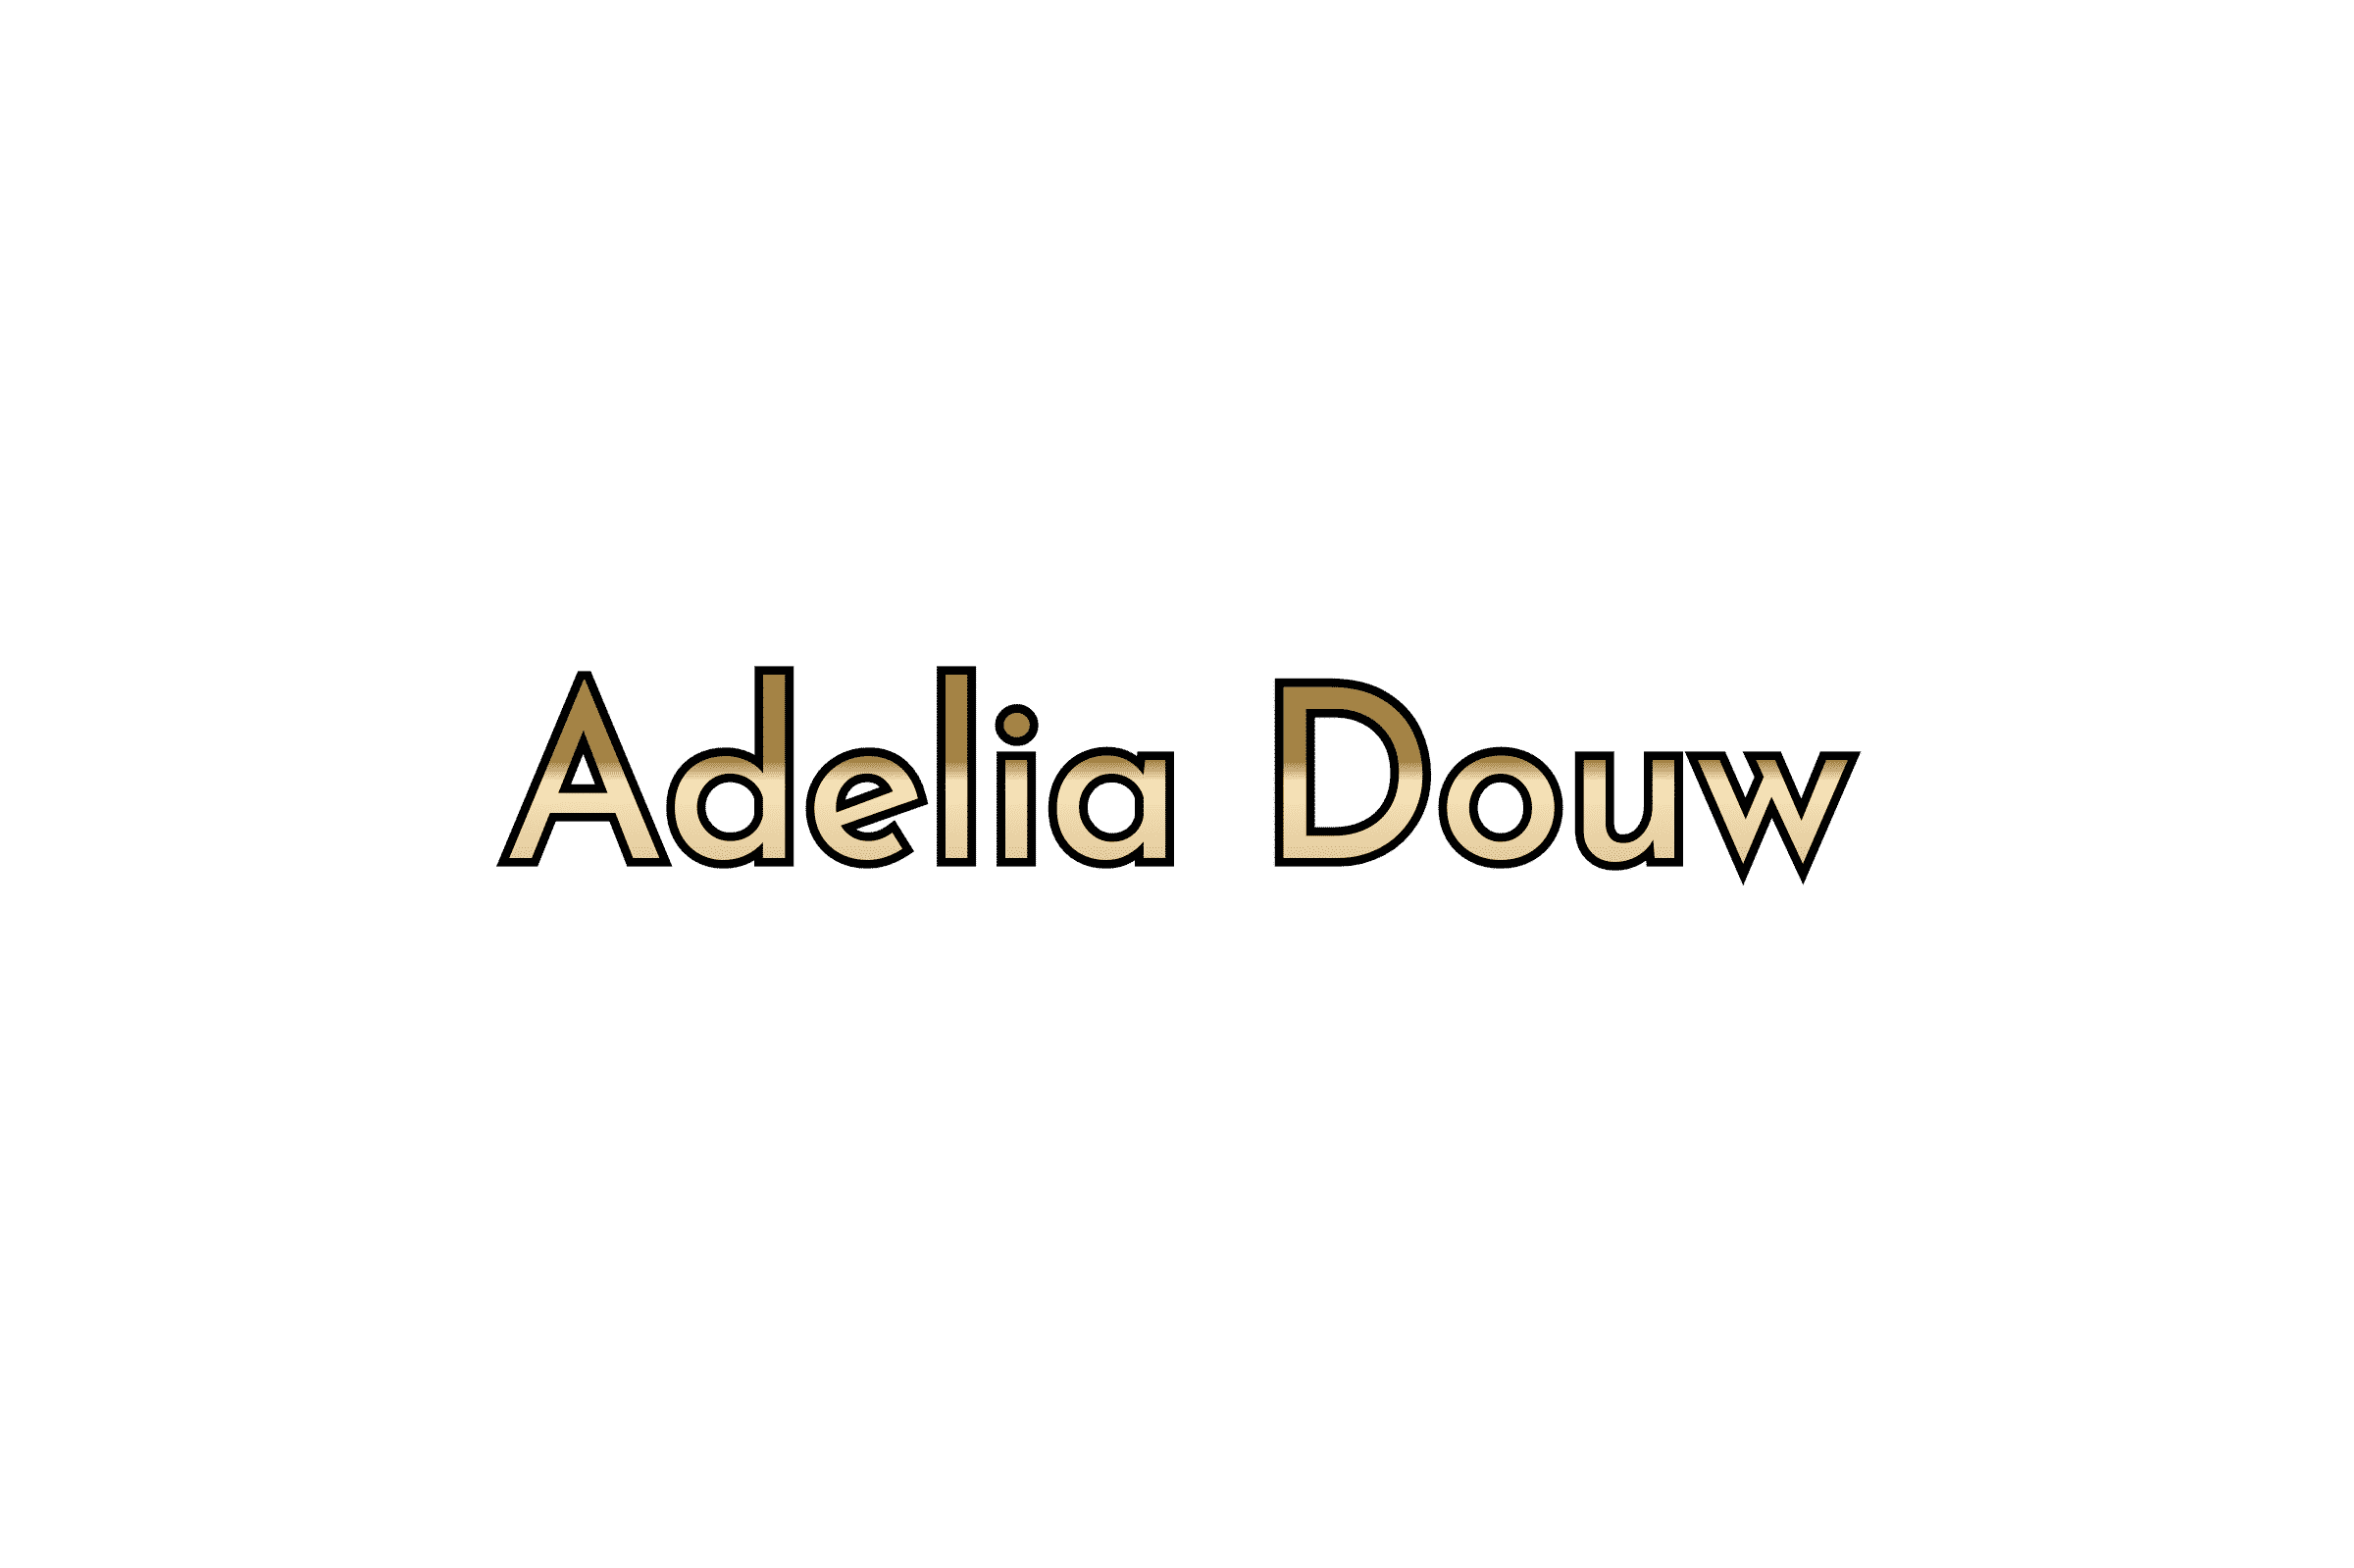 Adelia Douw